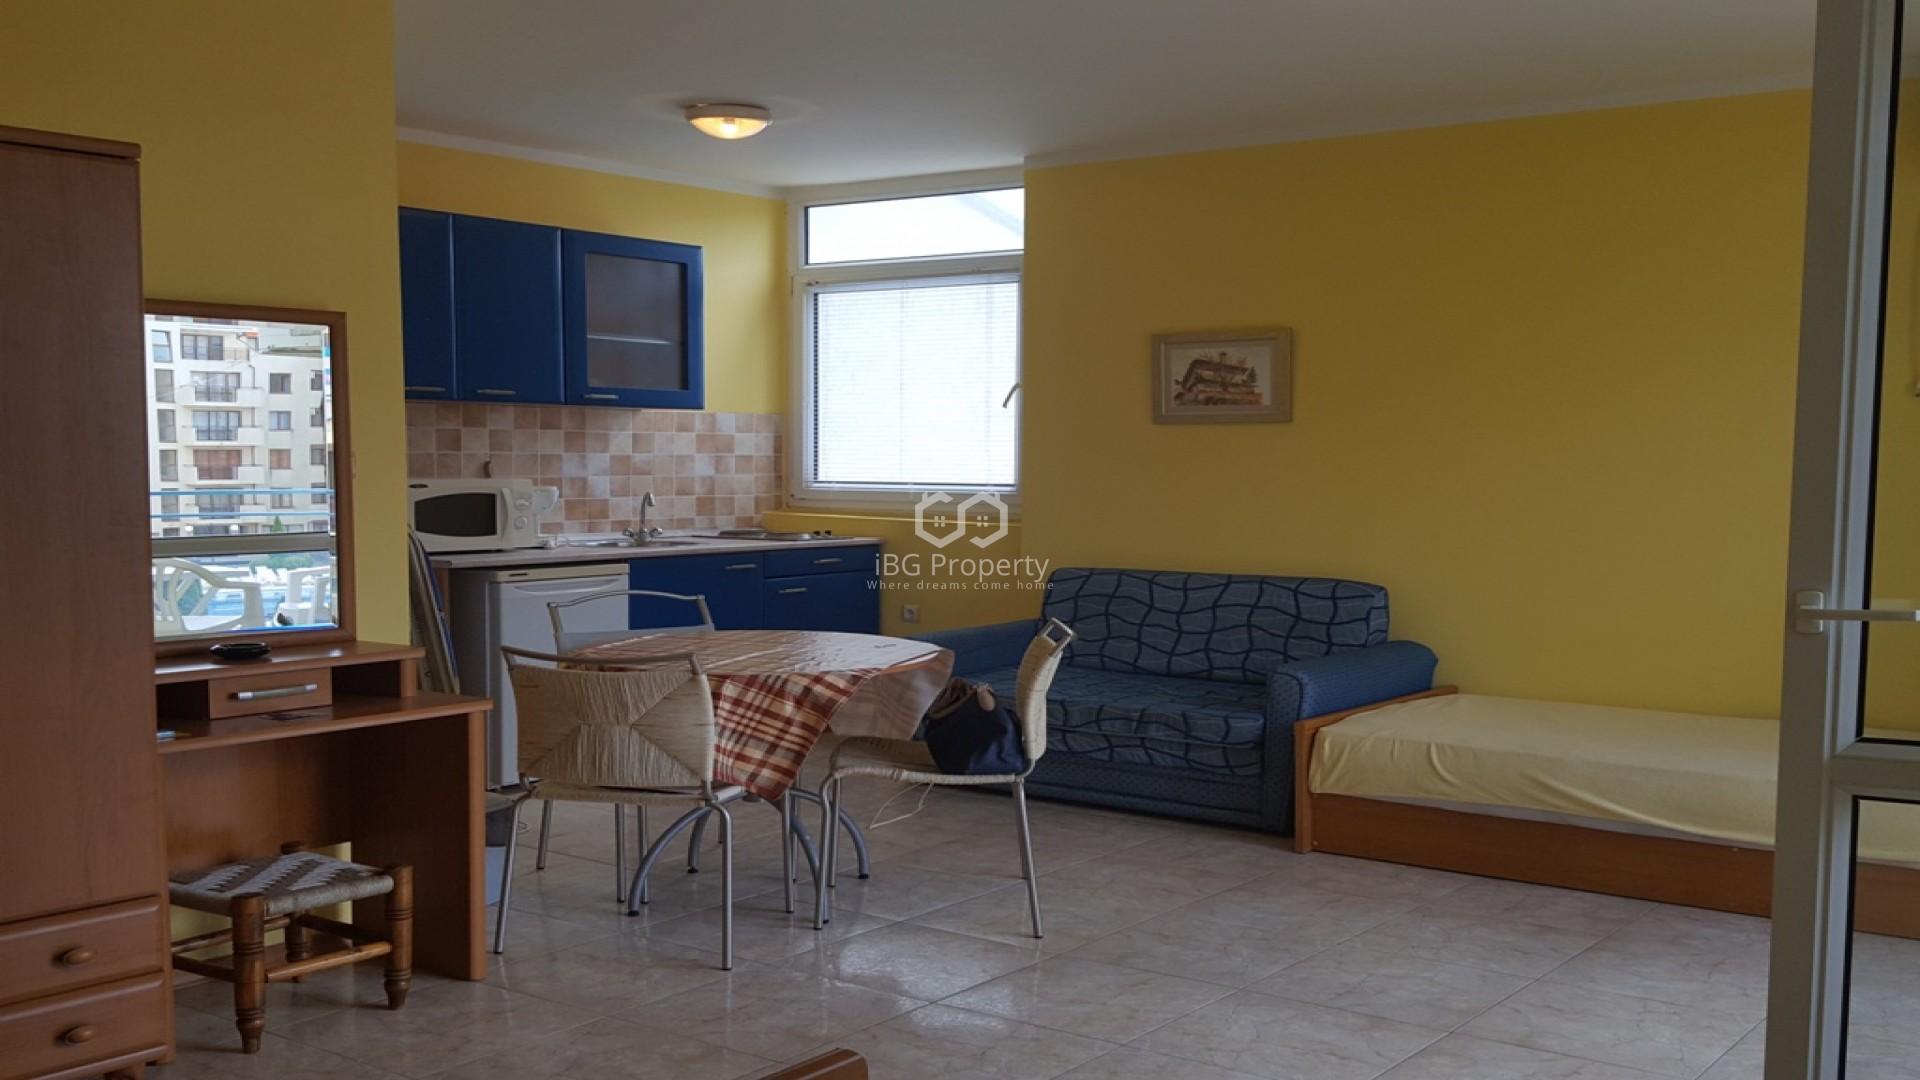 Einzimmerwohnung in Sonnenstrand 46 m2